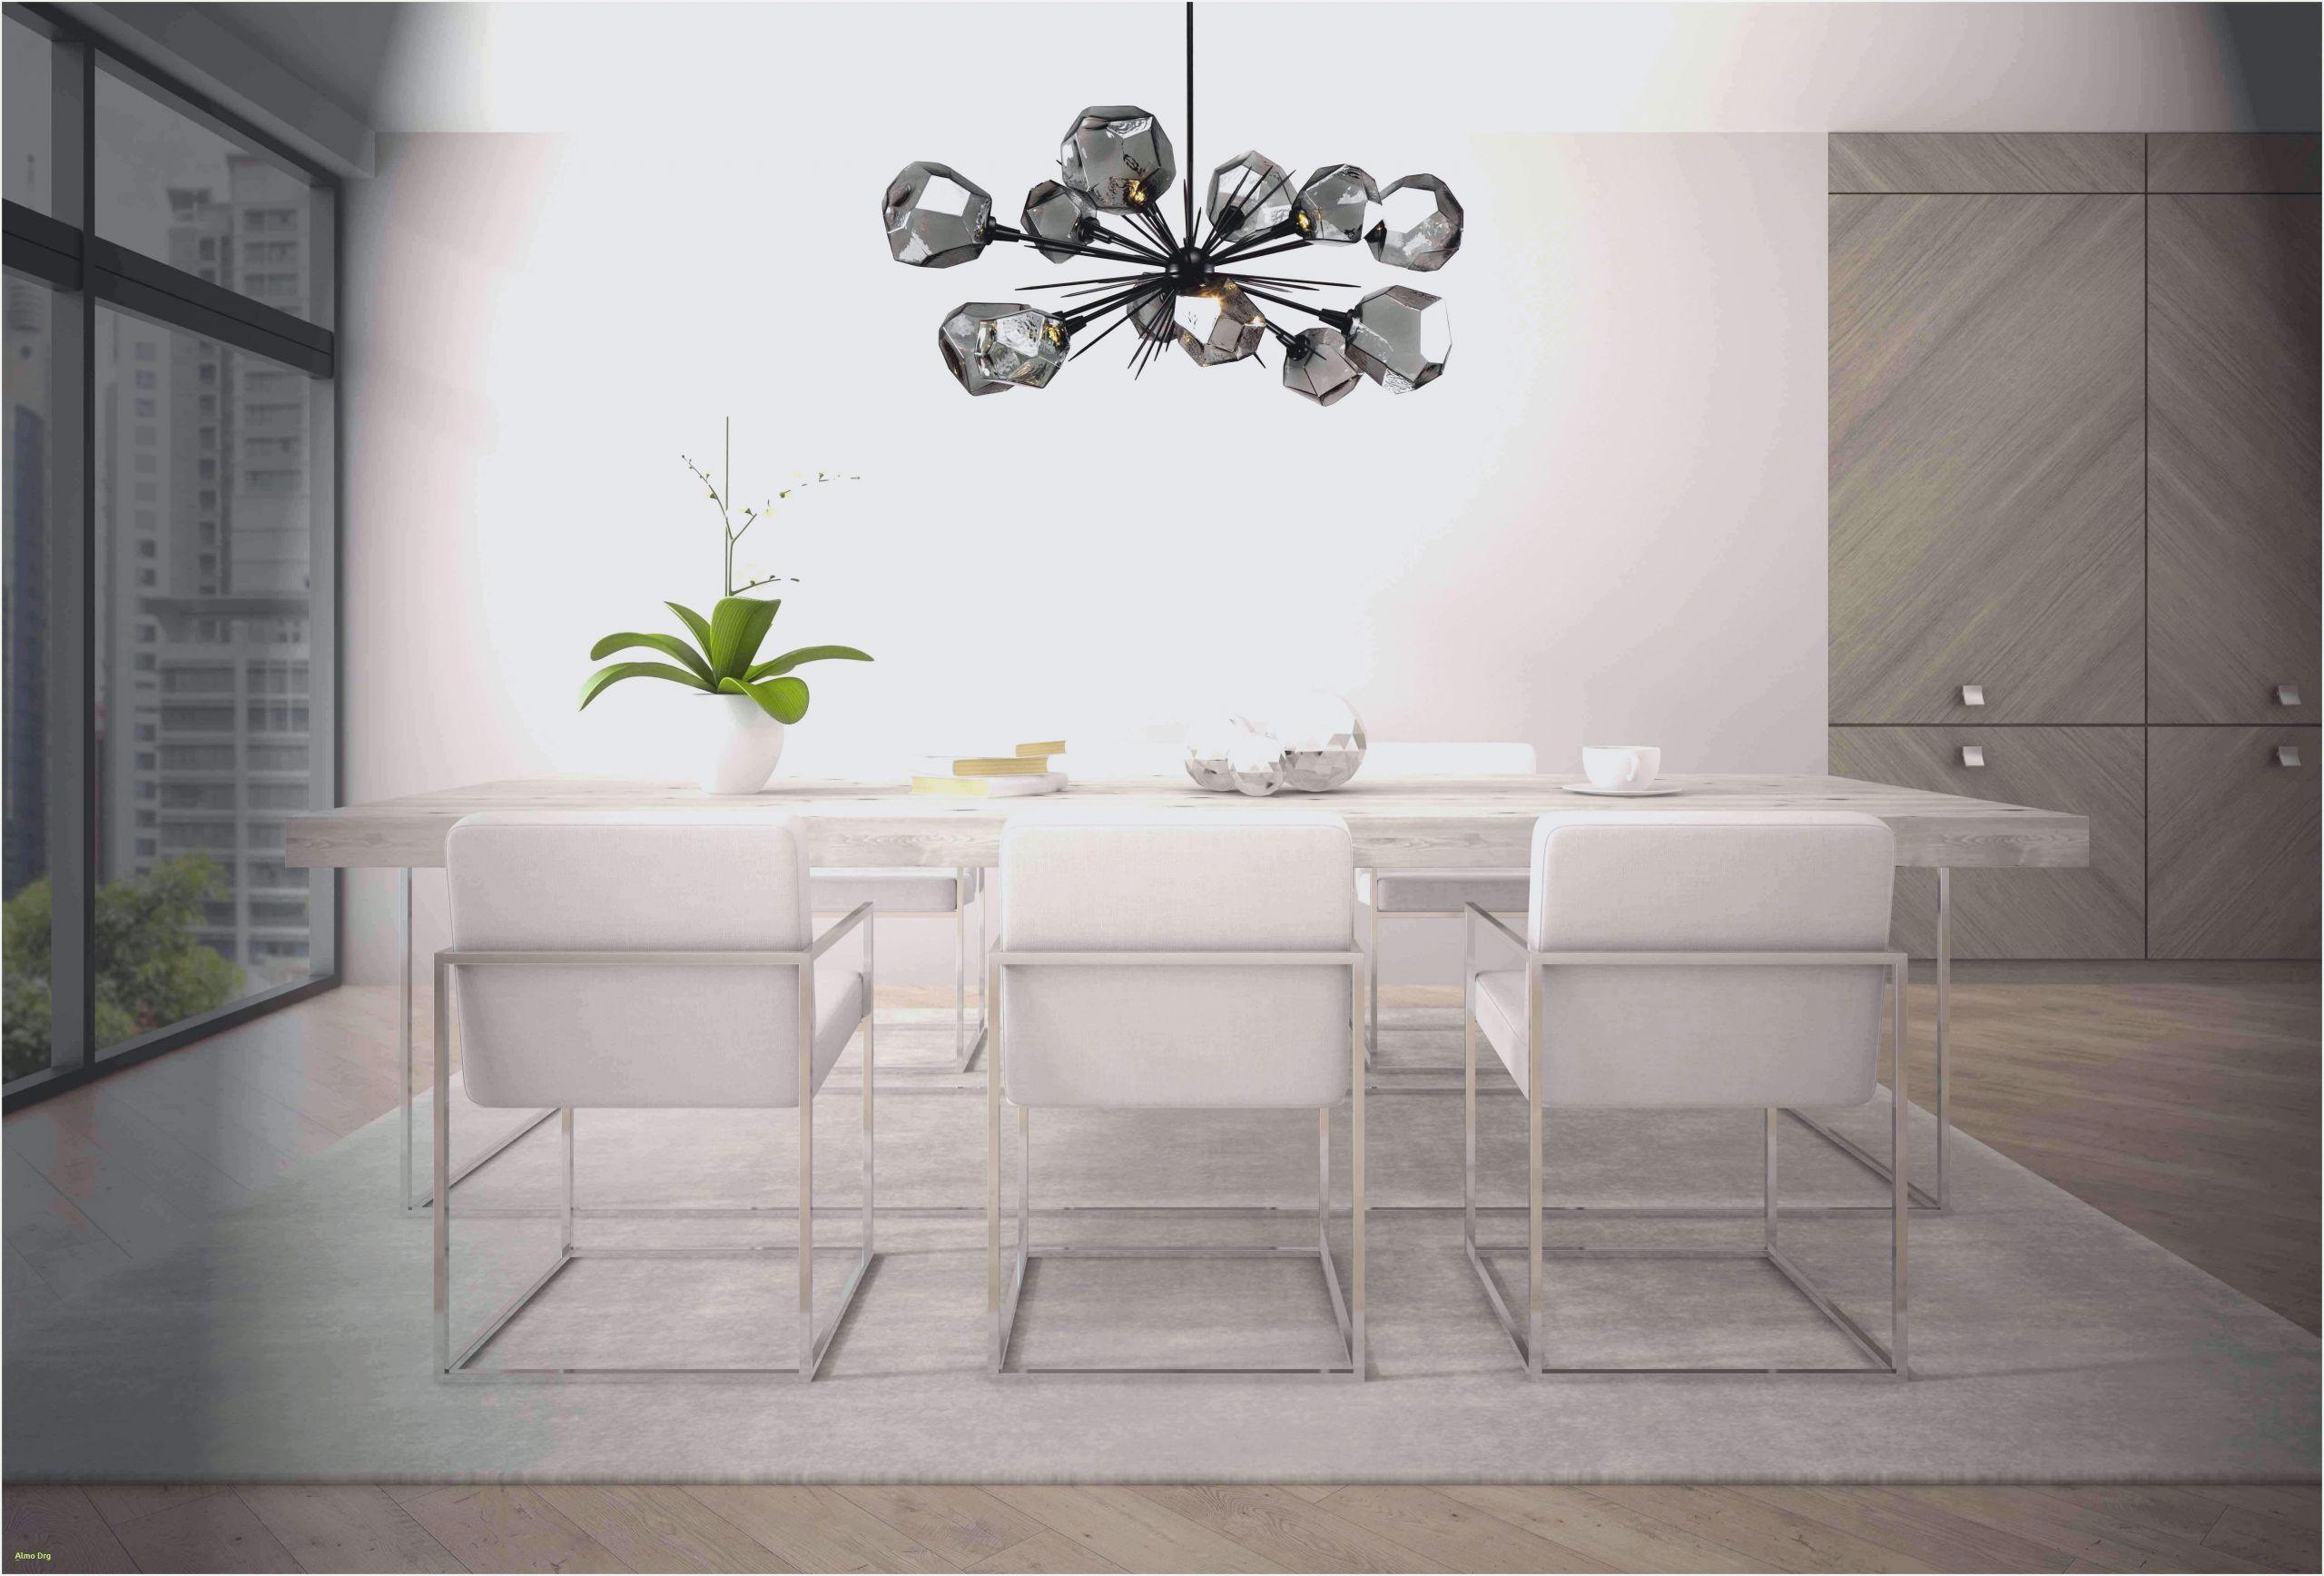 Full Size of Wohnzimmer Lampe Ikea Leuchten Lampen Decke Von Stehend Tier3xyz Gardine Wandtattoo Vitrine Weiß Led Kommode Esstisch Tisch Deckenleuchte Wohnwand Wohnzimmer Wohnzimmer Lampe Ikea